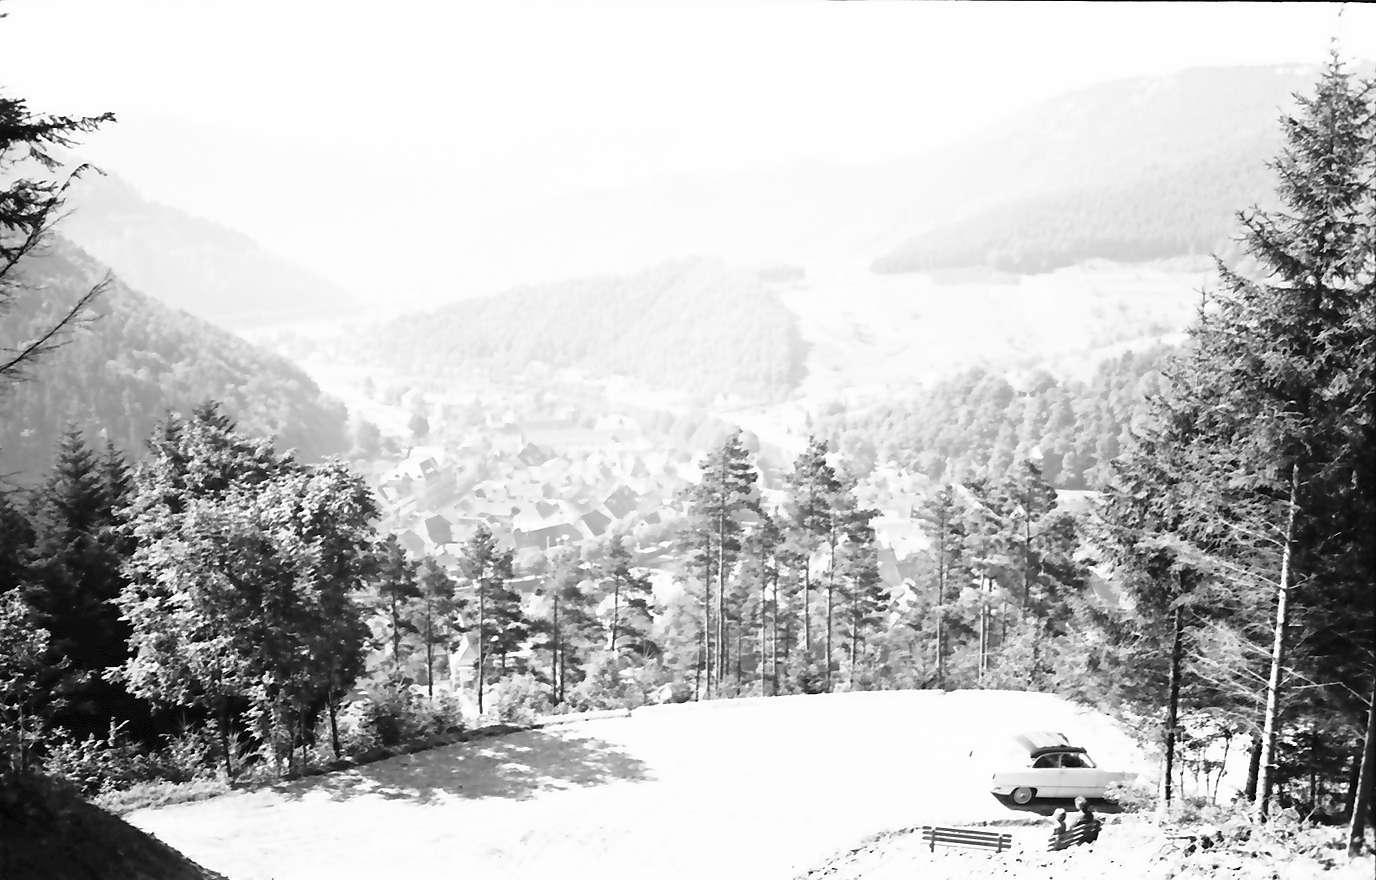 Wolfach: Blick vom Nordhang durch Wald auf Wolfach, Vordergrund Waldstraße und Bank, Bild 1